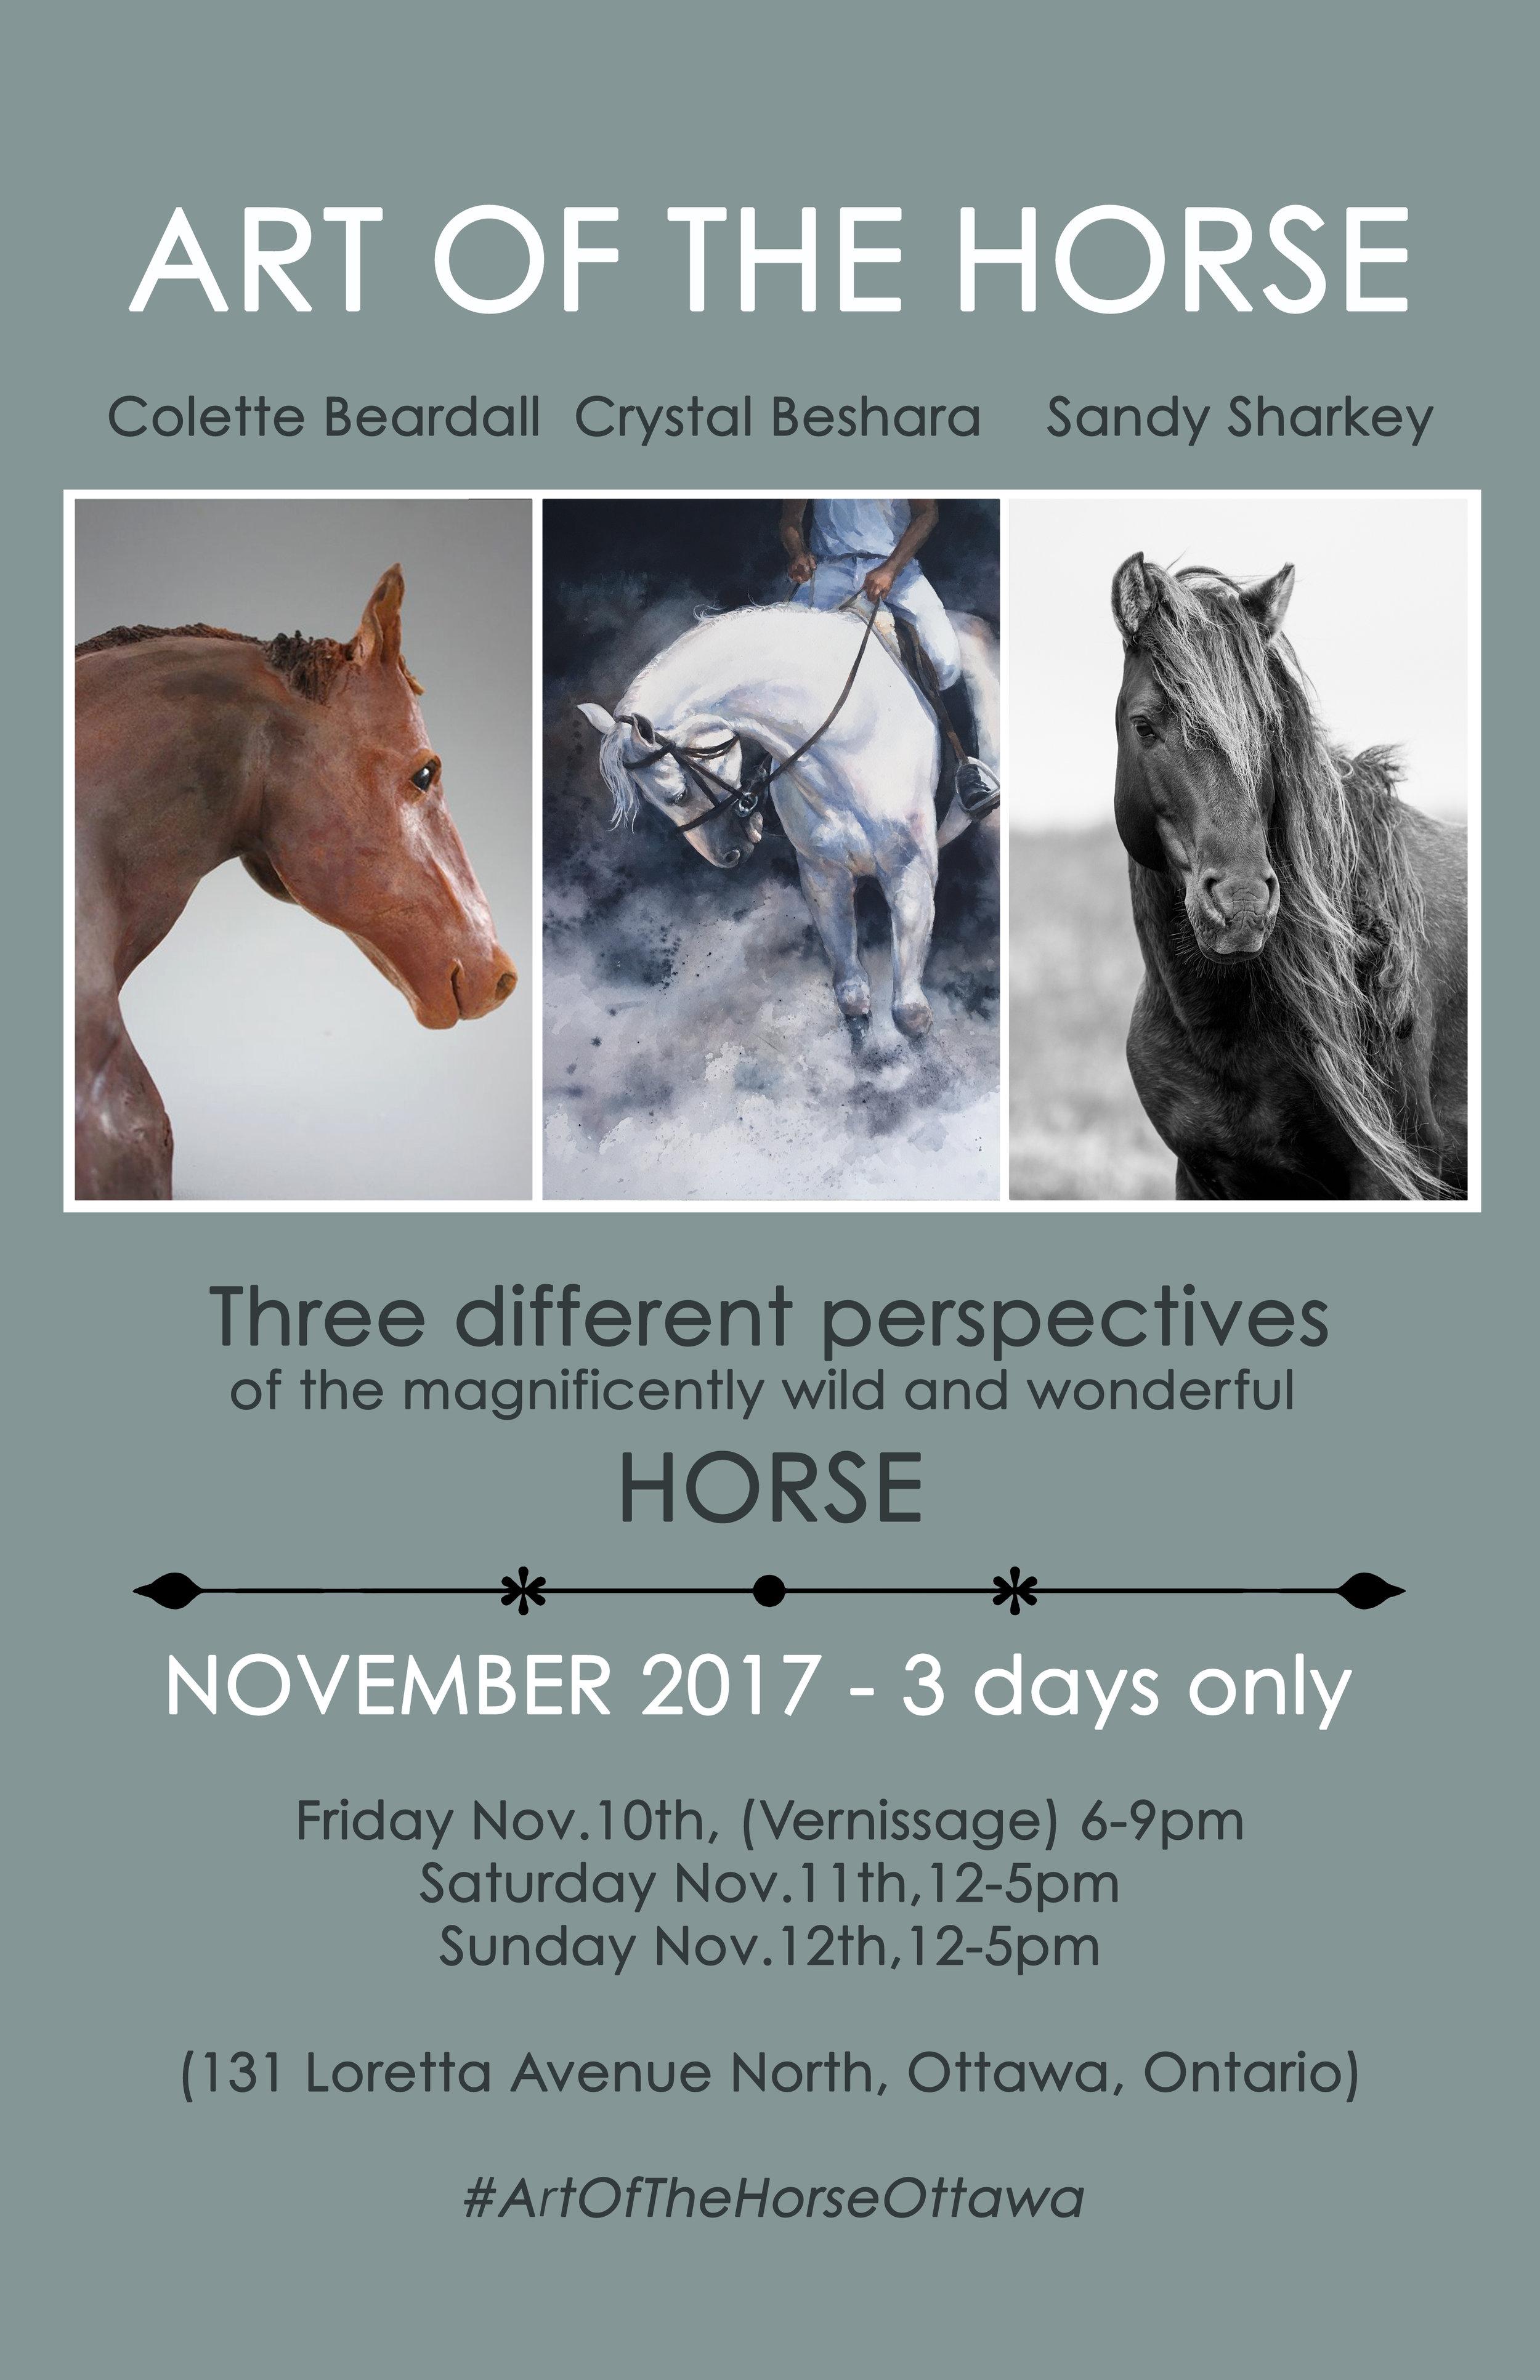 Art of the horse Final Poster   Vertical.jpg